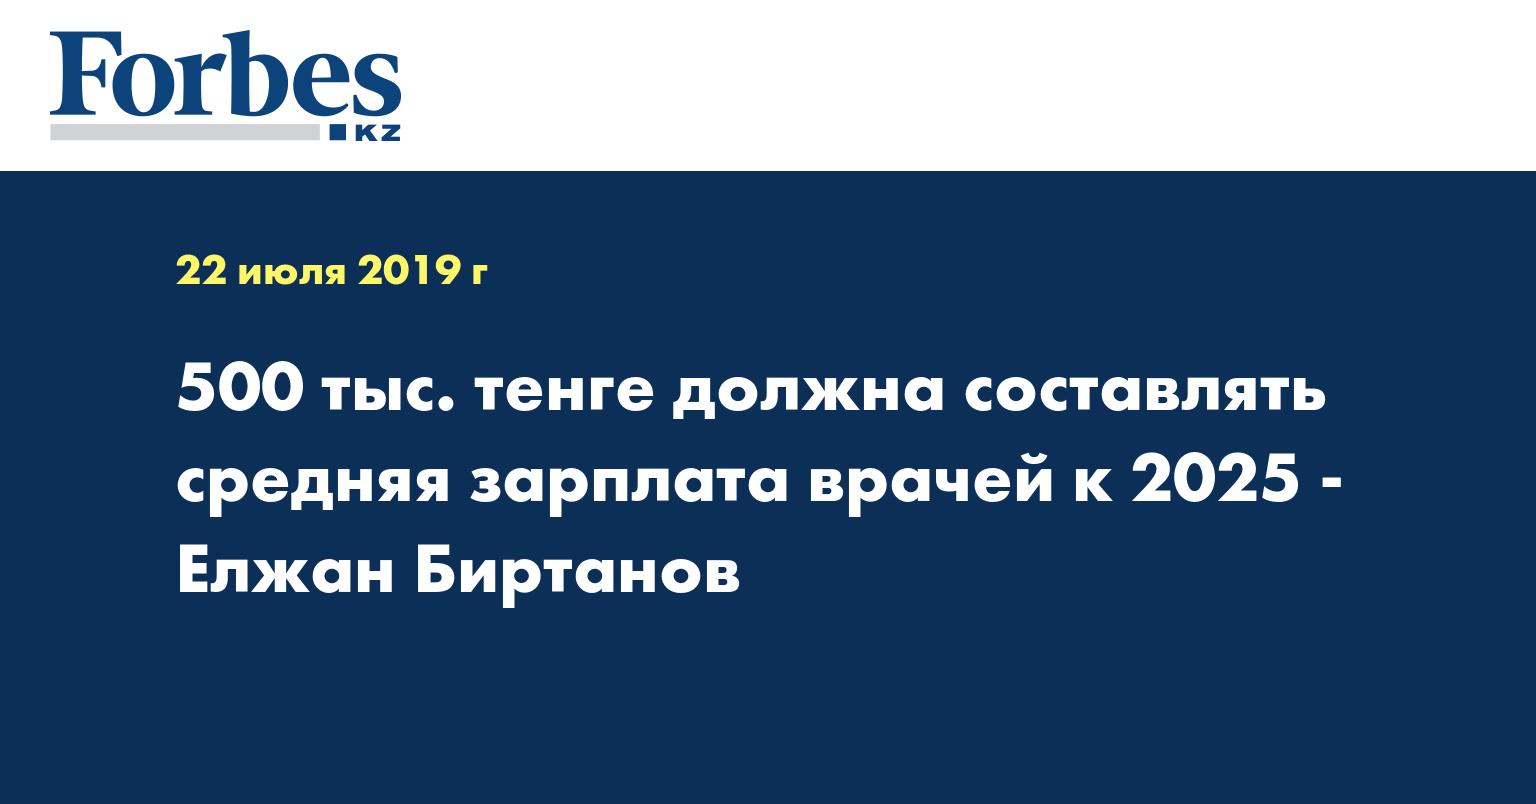 500 тыс. тенге должна составлять средняя зарплата врачей к 2025 - Елжан Биртанов